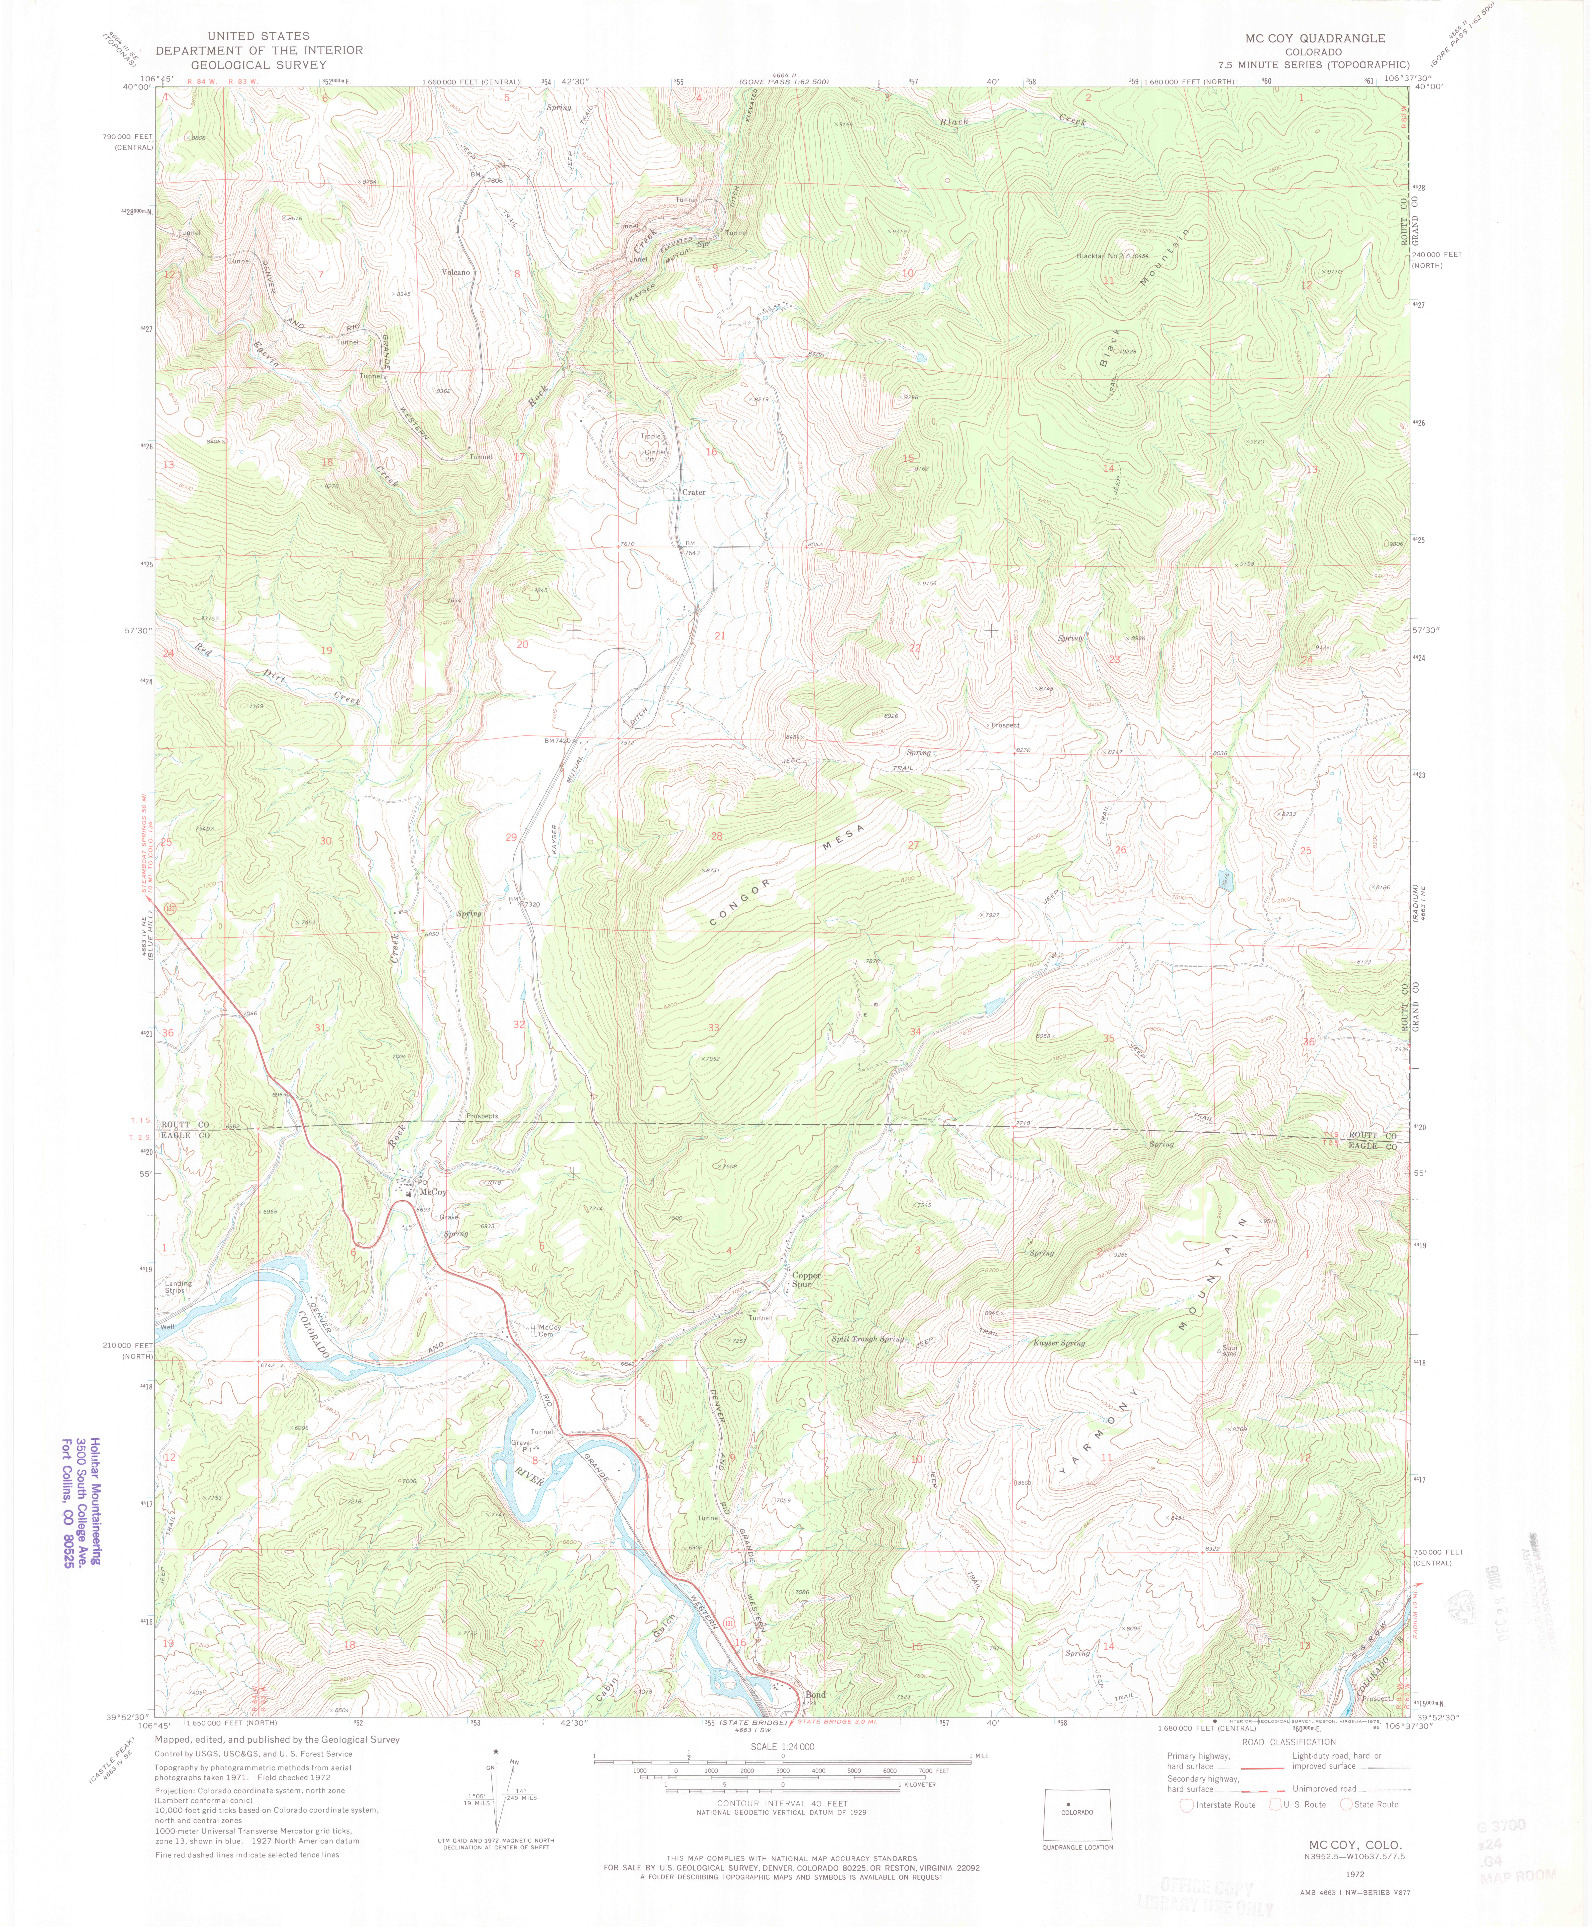 USGS 1:24000-SCALE QUADRANGLE FOR MC COY, CO 1972